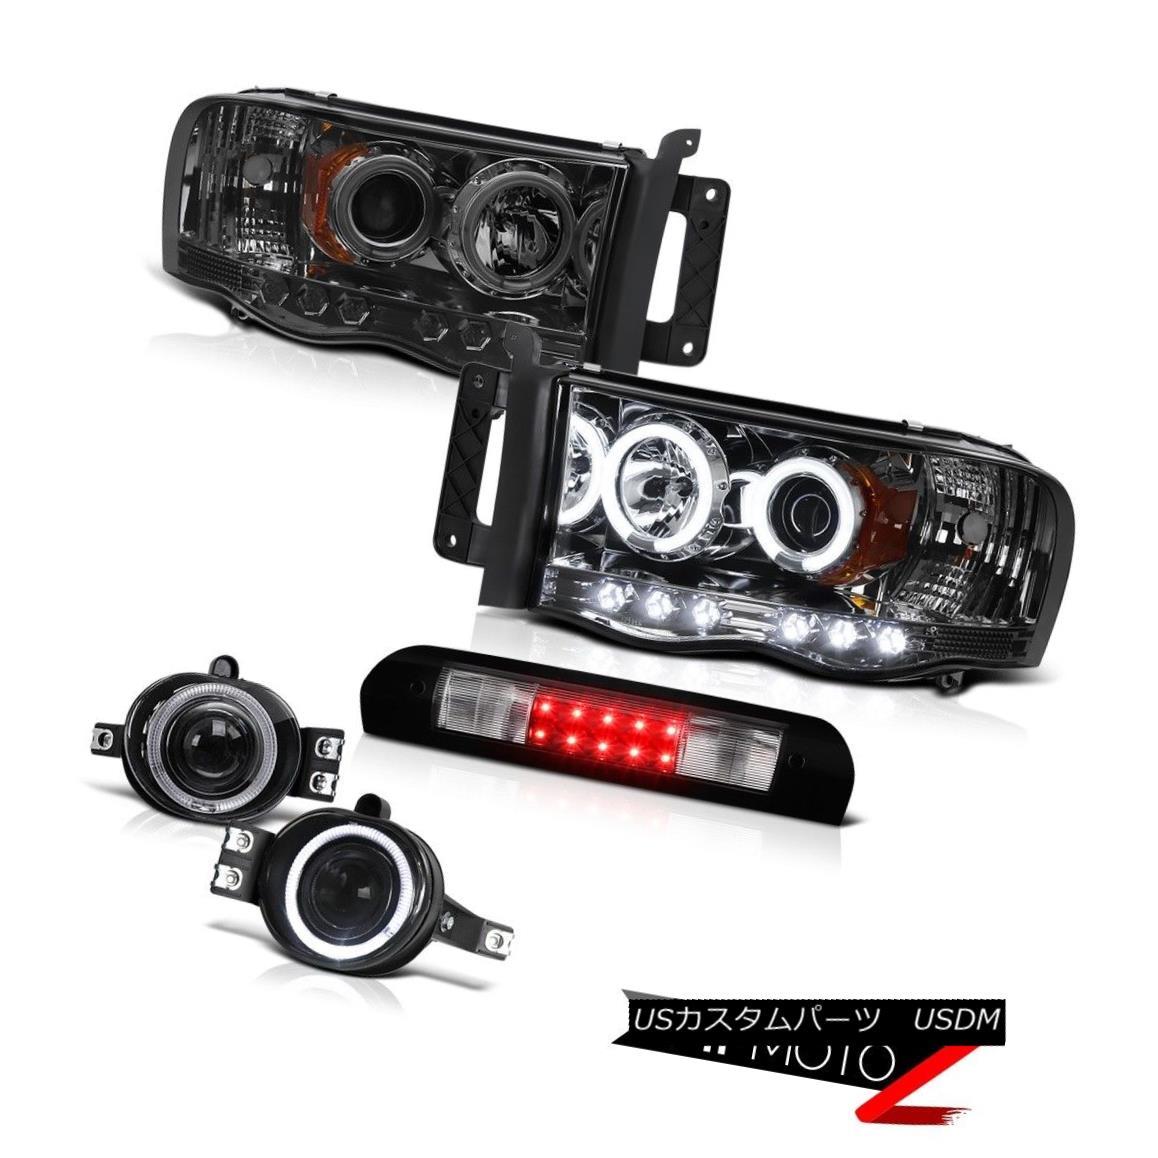 ヘッドライト Smoke CCFL Halo Headlamps Projector Euro Fog Roof Brake LED 02 03 04 05 Ram V6 煙CCFLハローヘッドランププロジェクターユーロフォグ屋根ブレーキLED 02 03 04 05 Ram V6